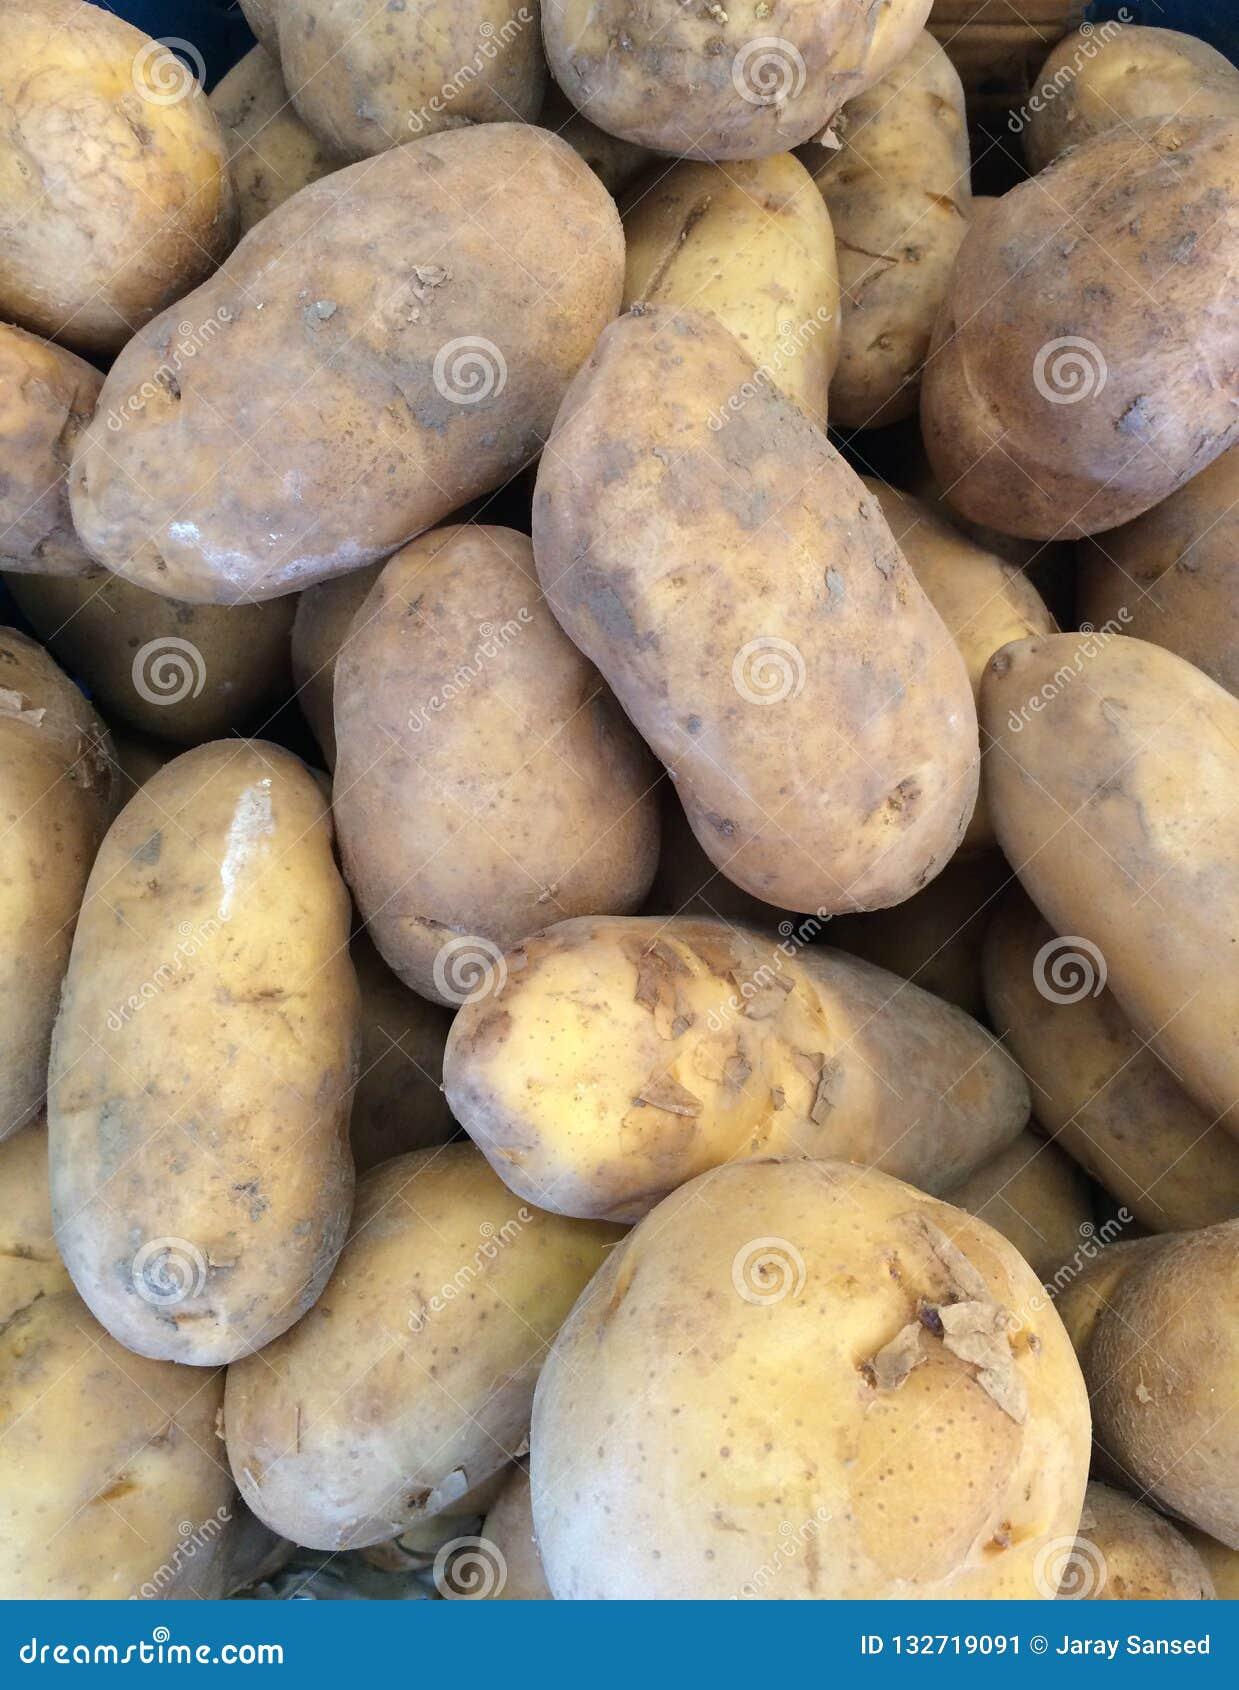 Les pommes de terre ont empilé ensemble un grand choix de tailles